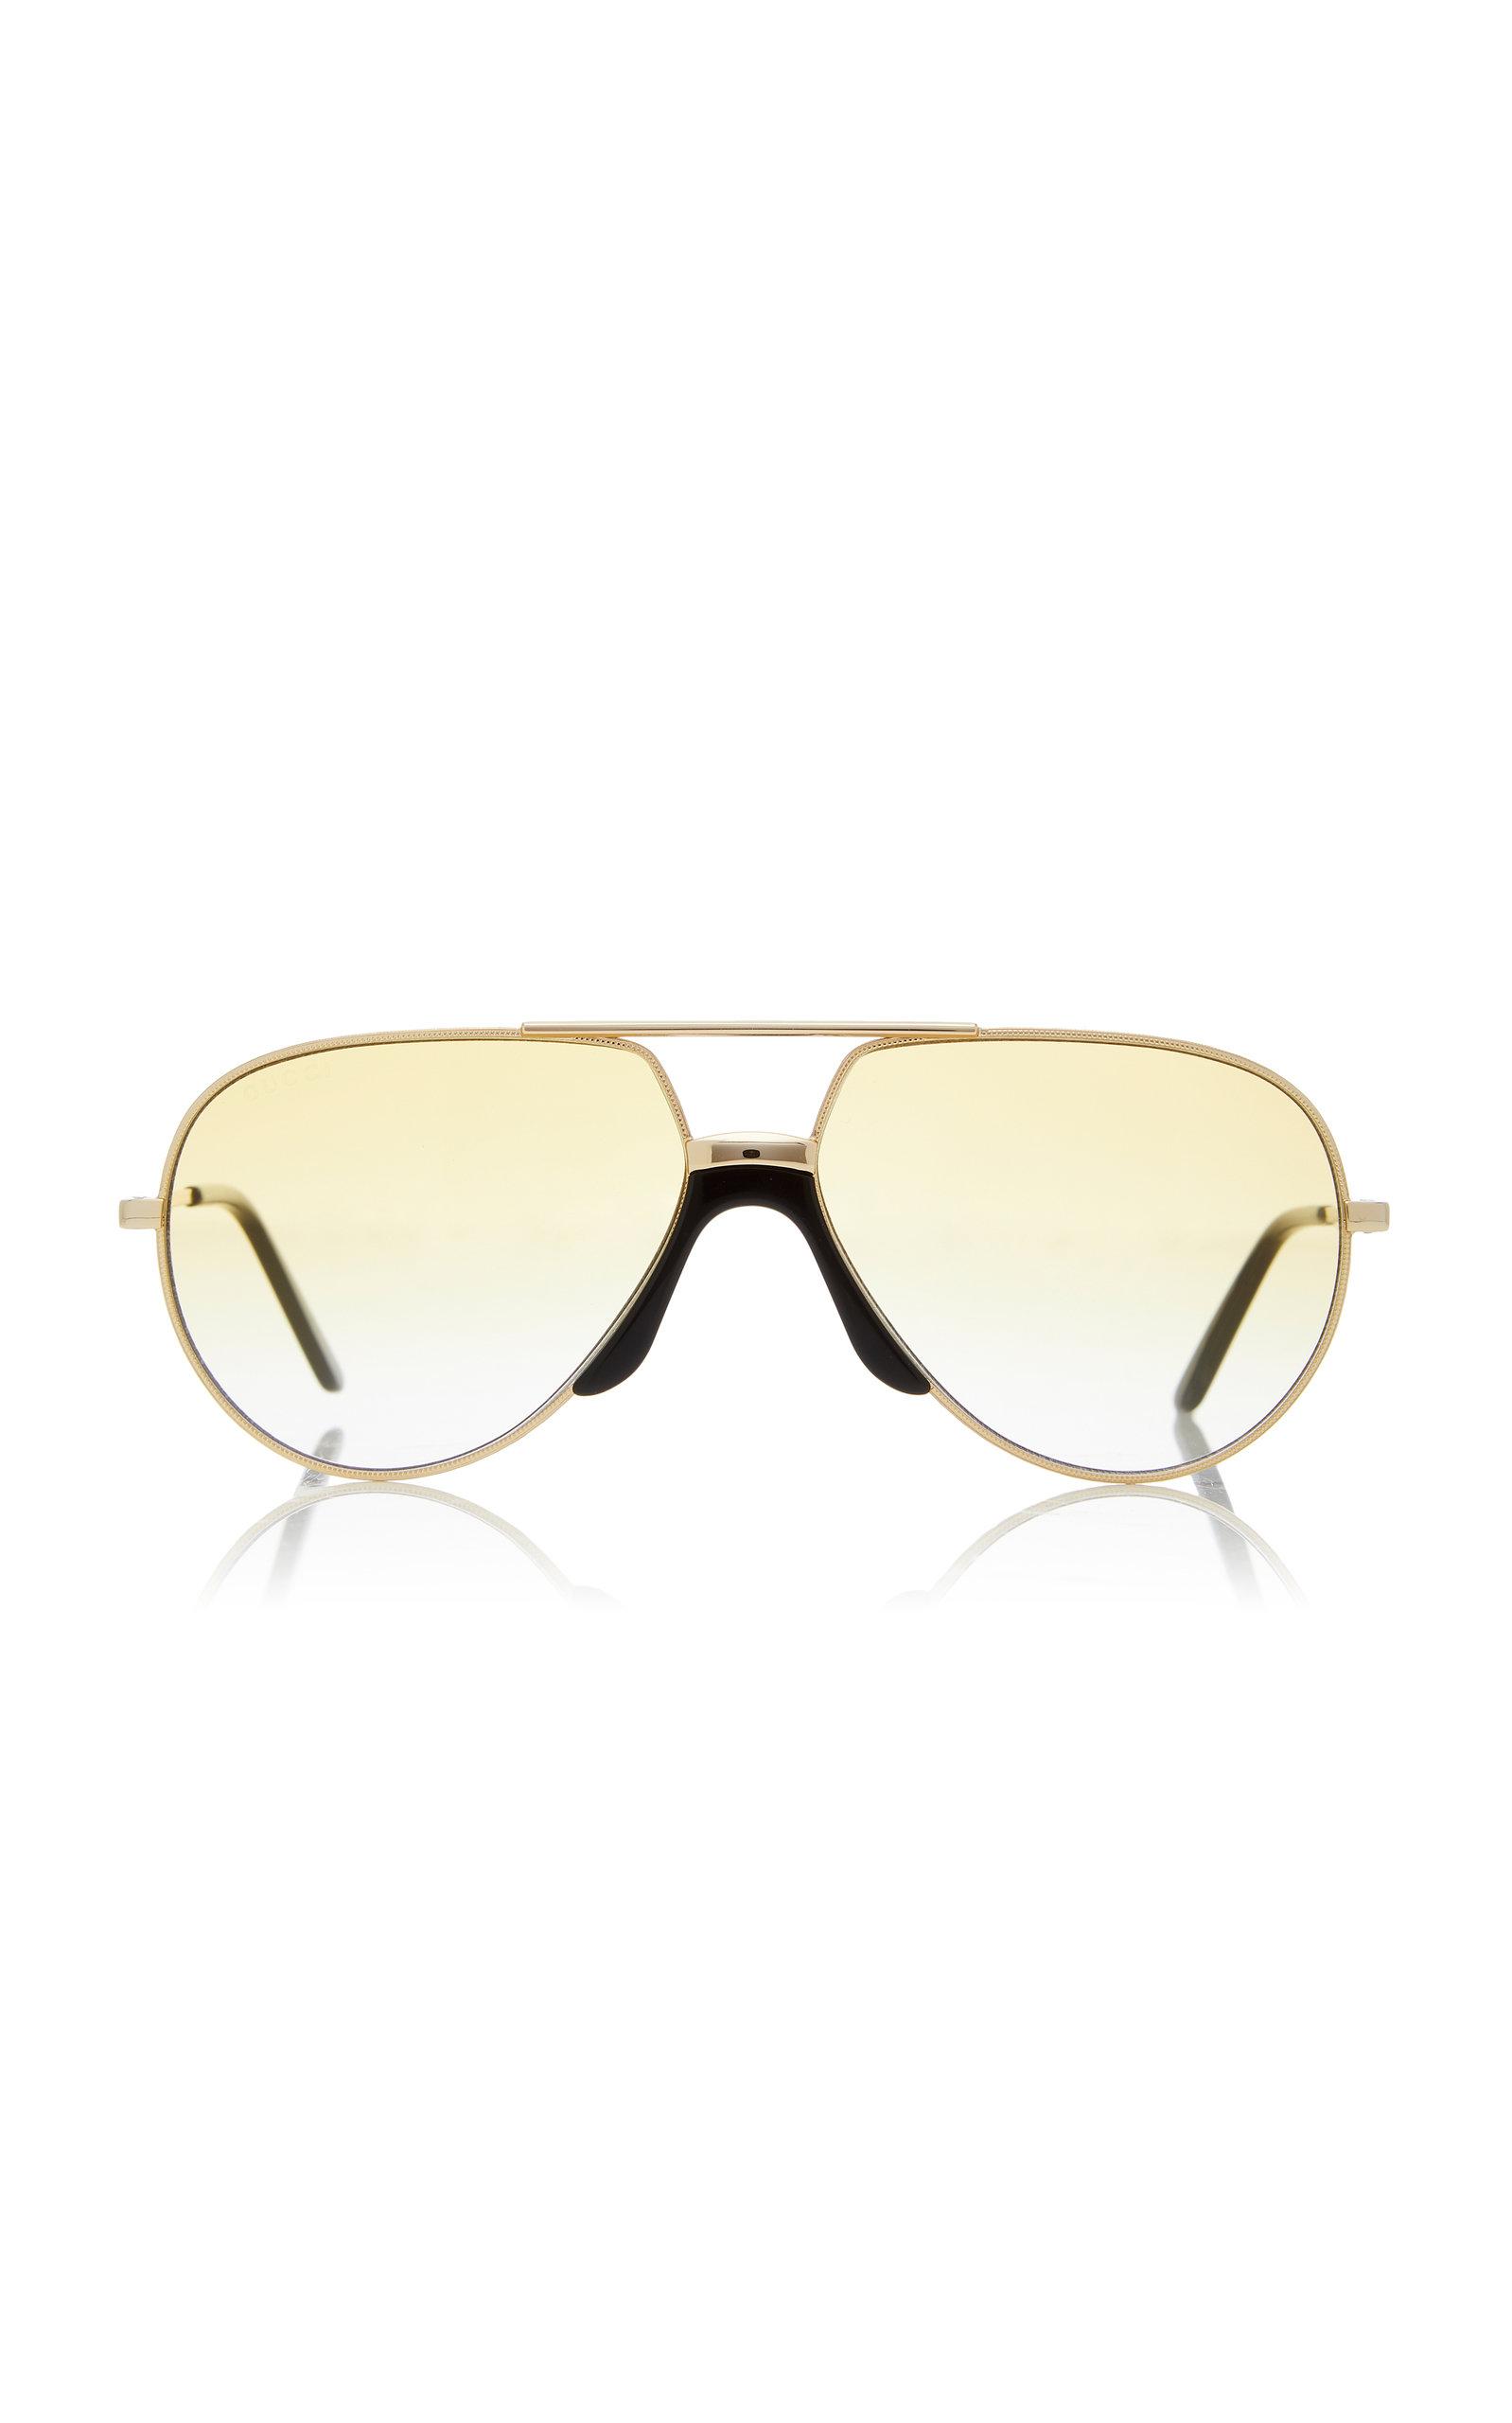 1be4338fadd8 Oversized Metal Aviator Sunglasses by Gucci Sunglasses   Moda Operandi